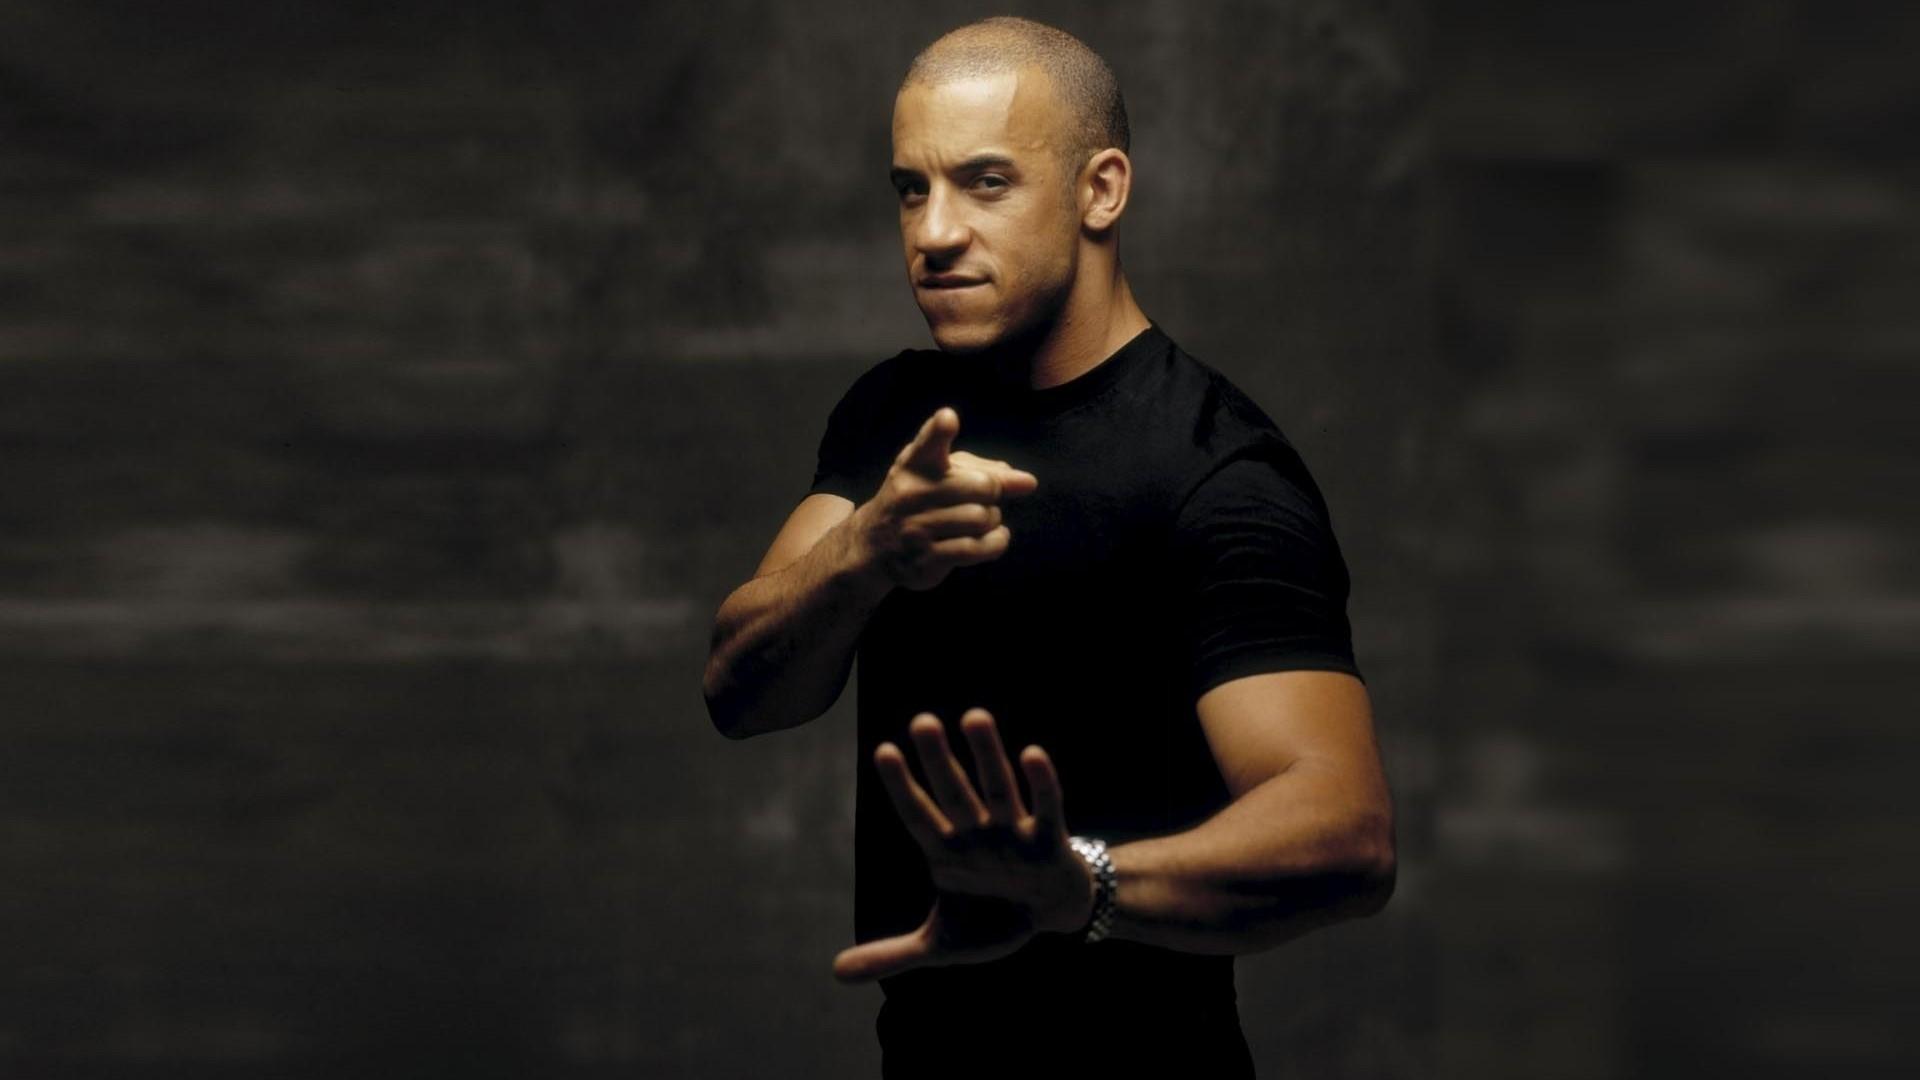 Vin Diesel Pictures